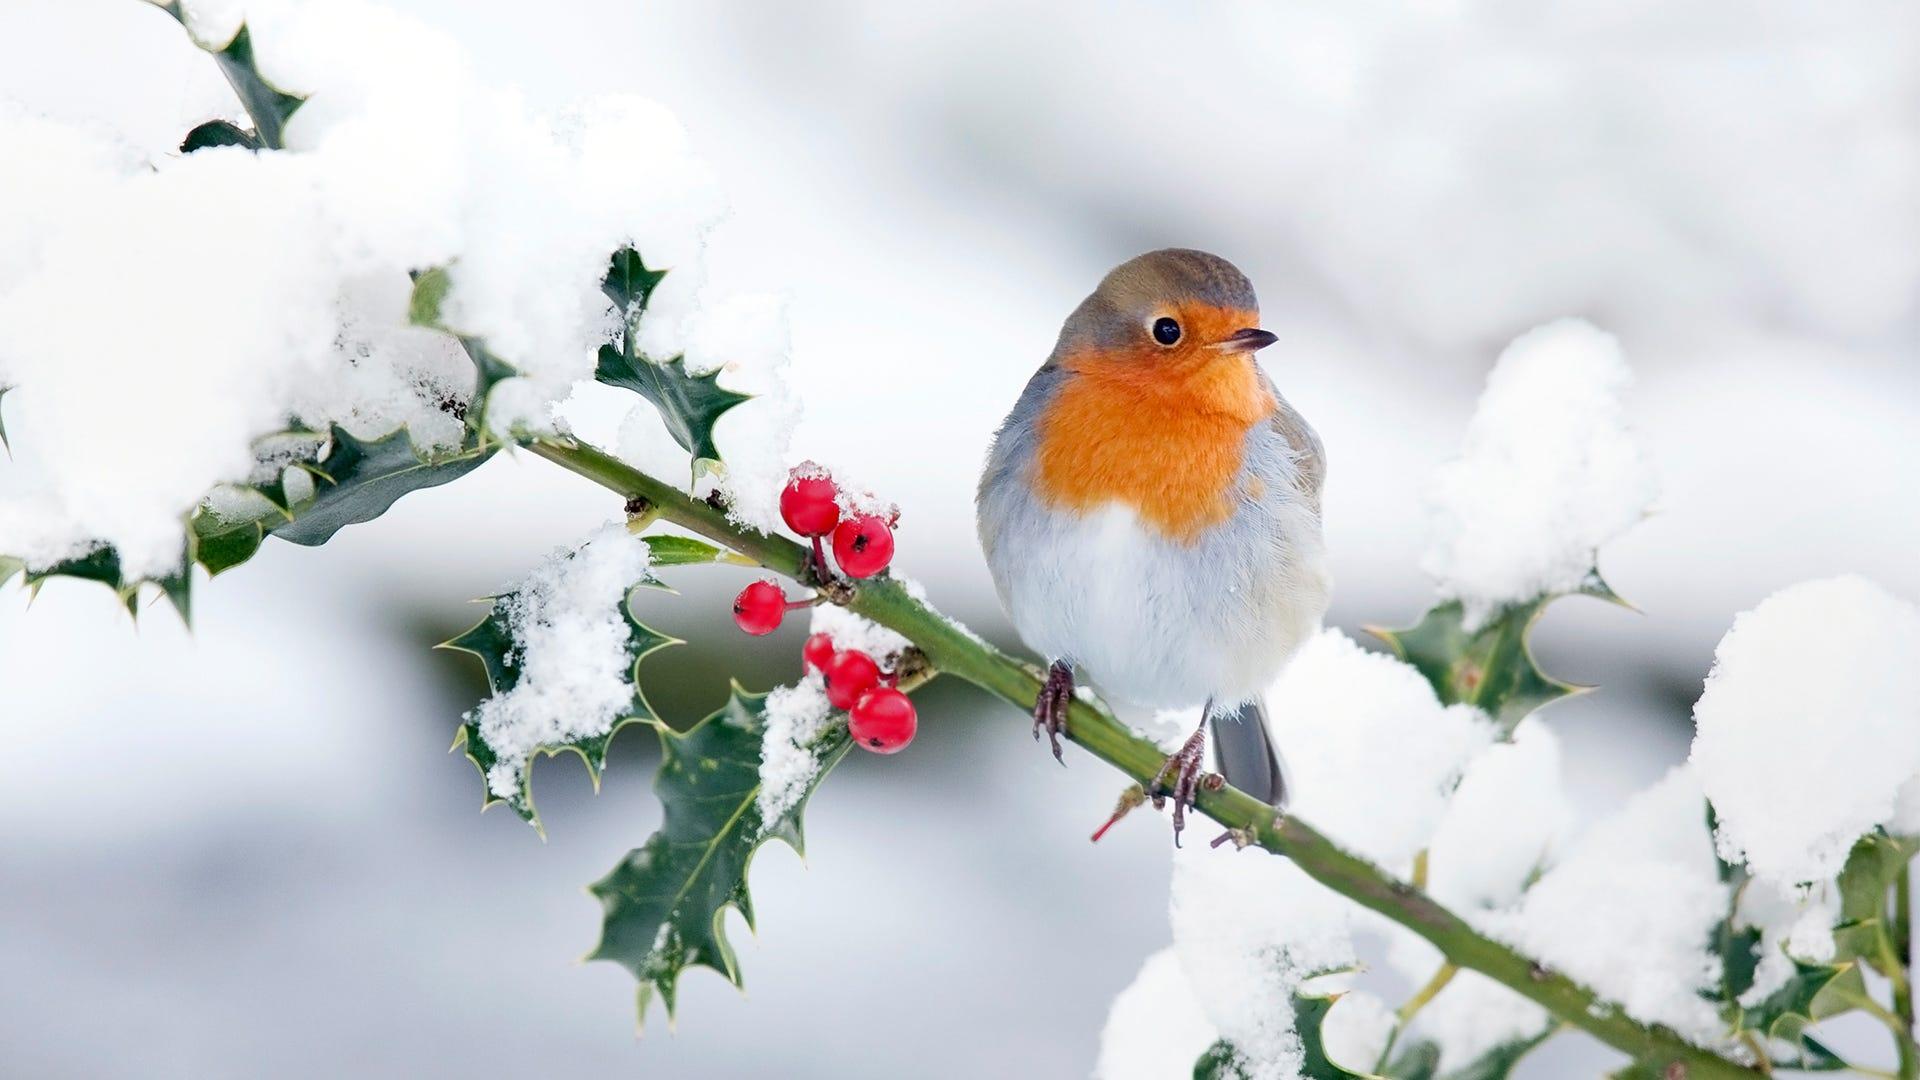 How Birds Survive in Winter Weather